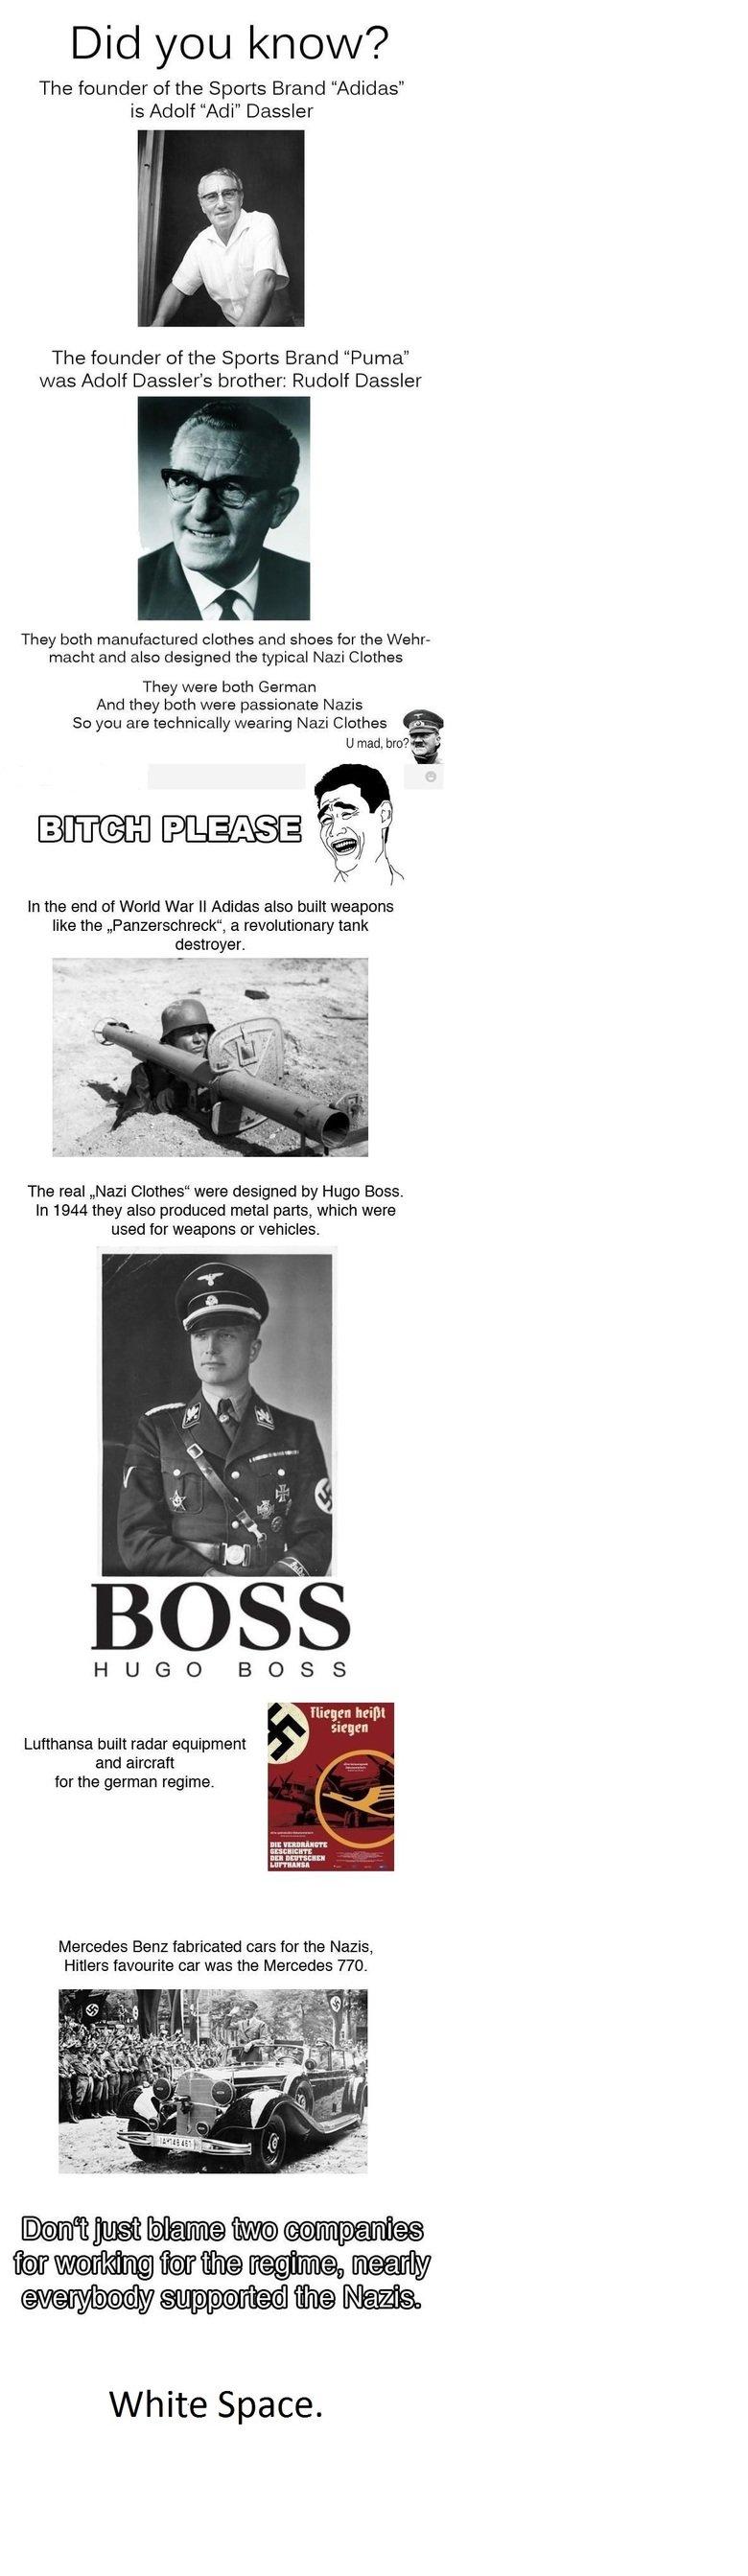 Good ol' sibling rivalry. Like a Boss! Deal with it... Panzerschreck = tank destroyer panzer - tank schreck - destroyer SCHRECK Not mein durrr